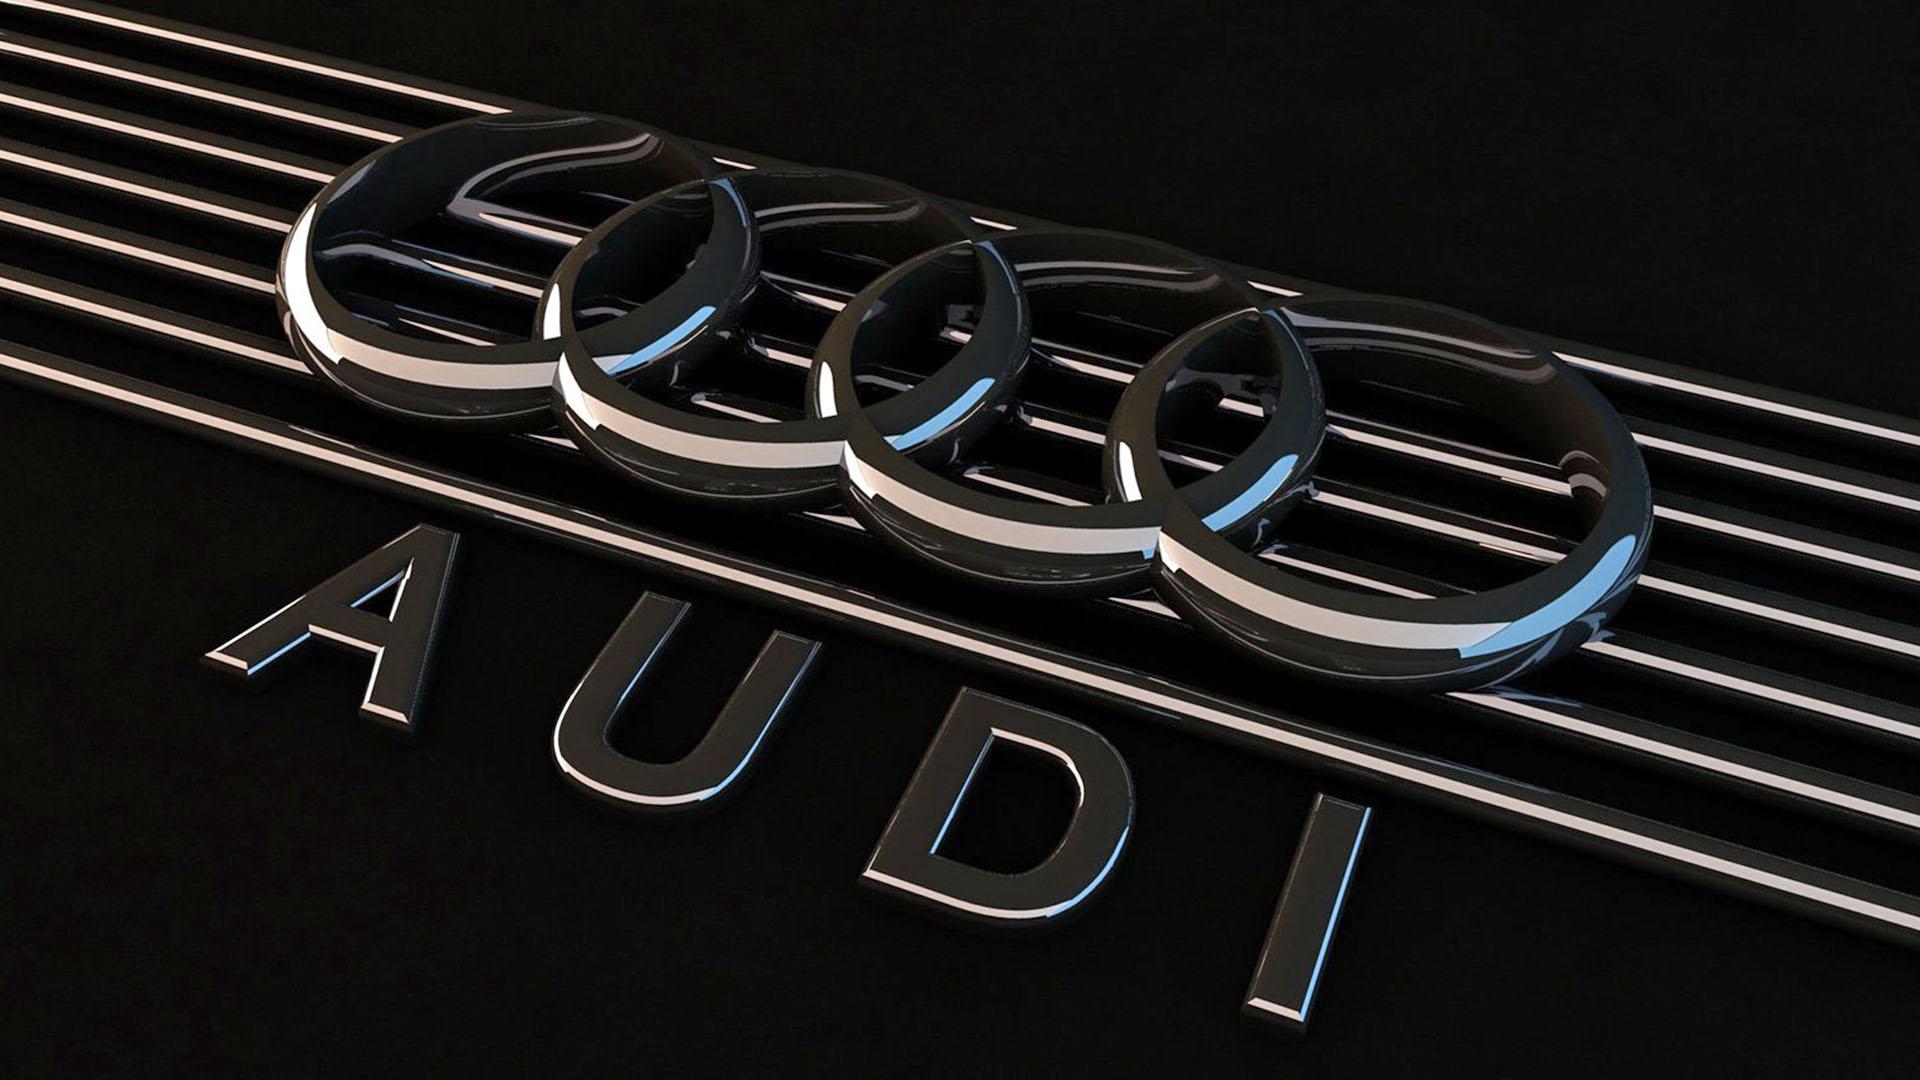 Αυτό είναι το τελευταίο μοντέλο που θα βγάλει η Audi με θερμικό κινητήρα!